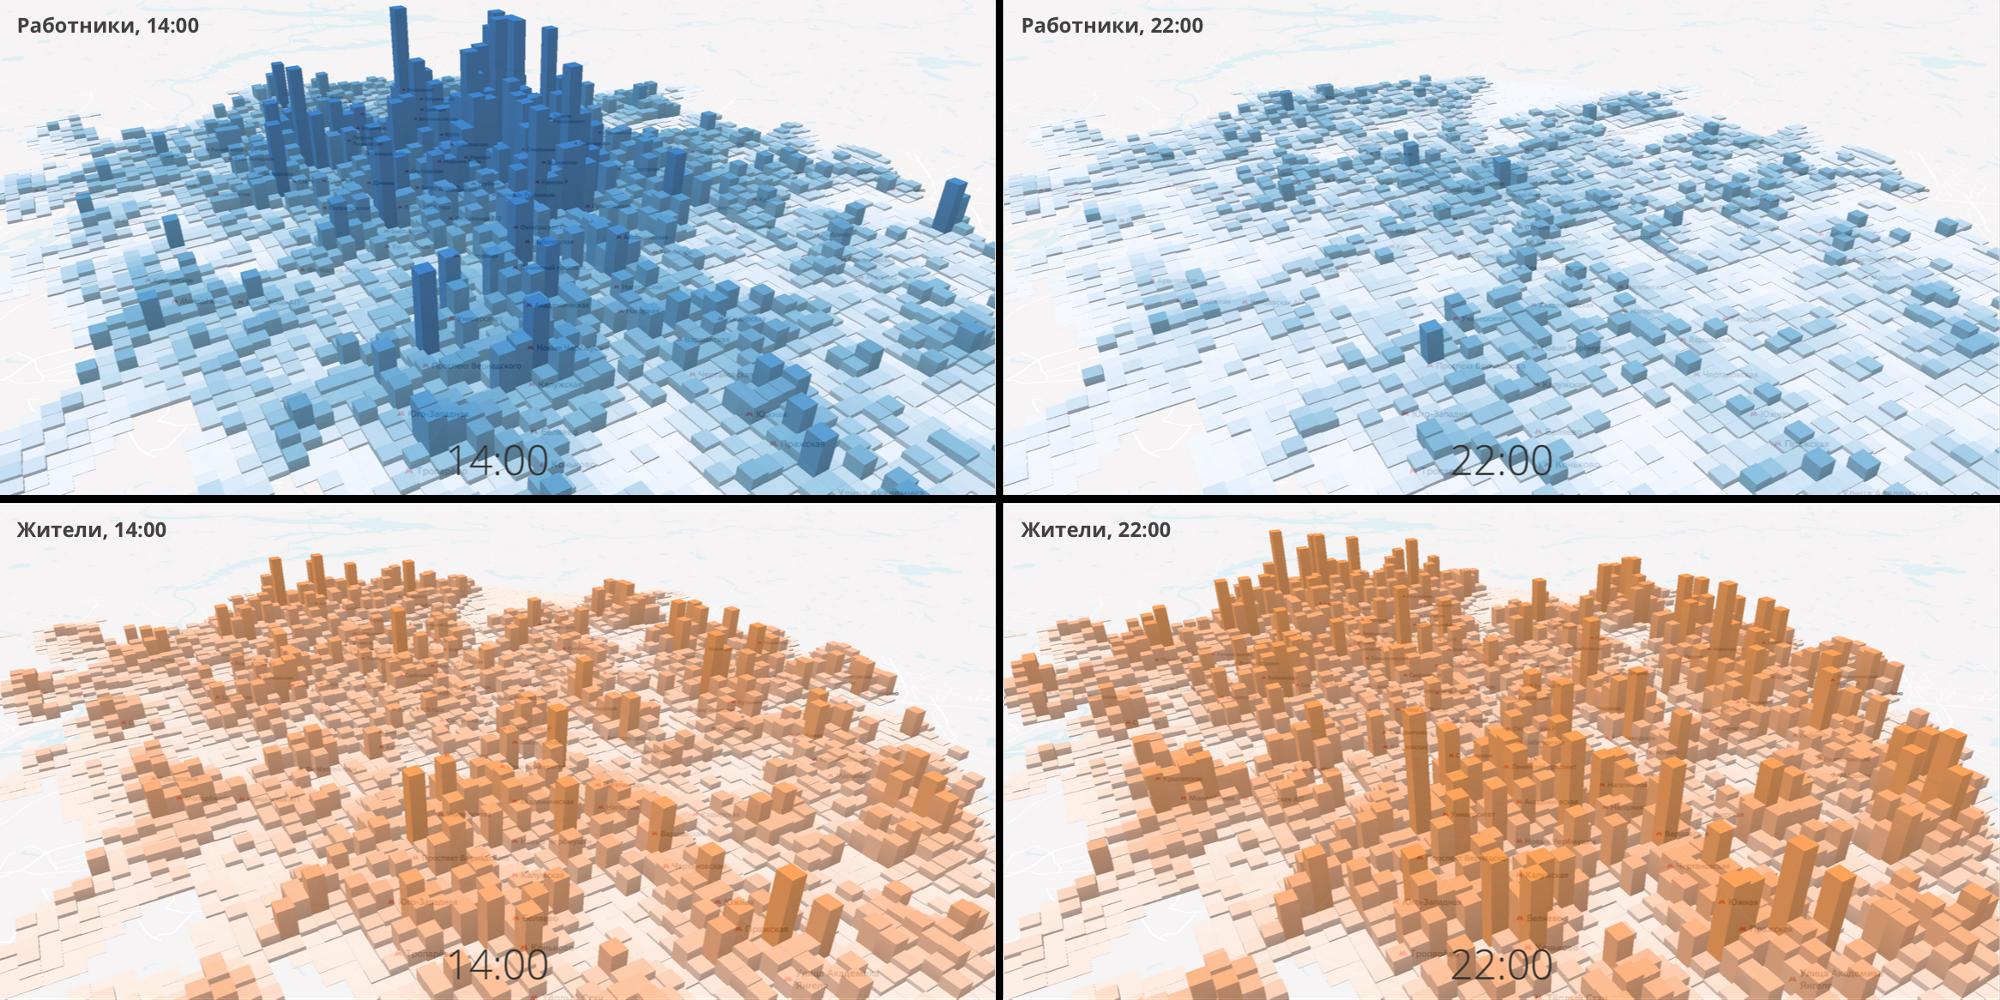 Дизайн города, основанный на данных - 6